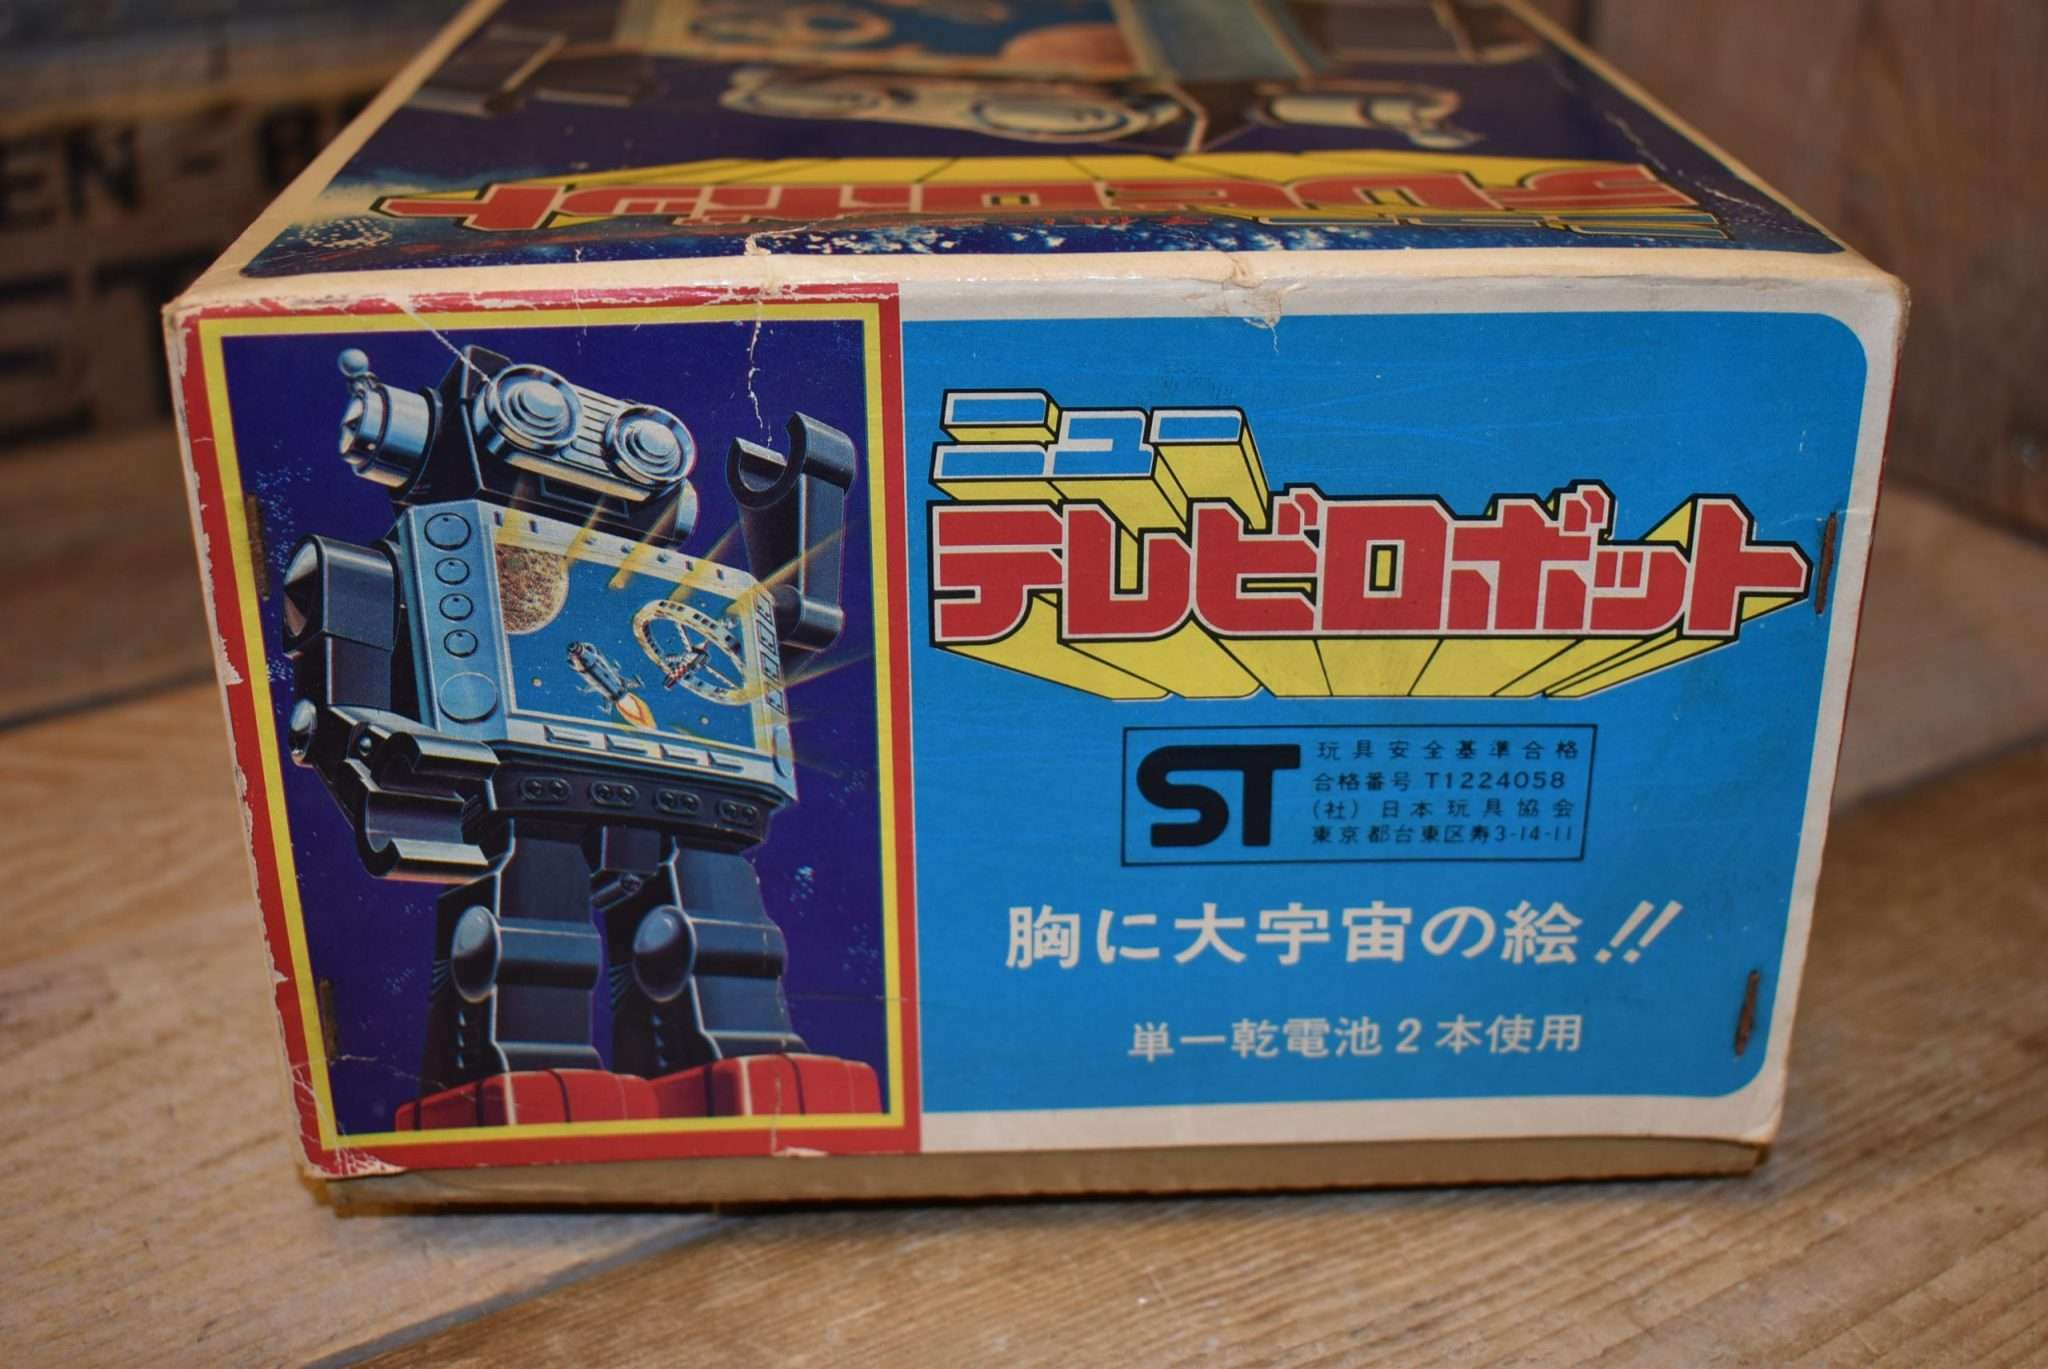 Horikawa - TV Spaceman